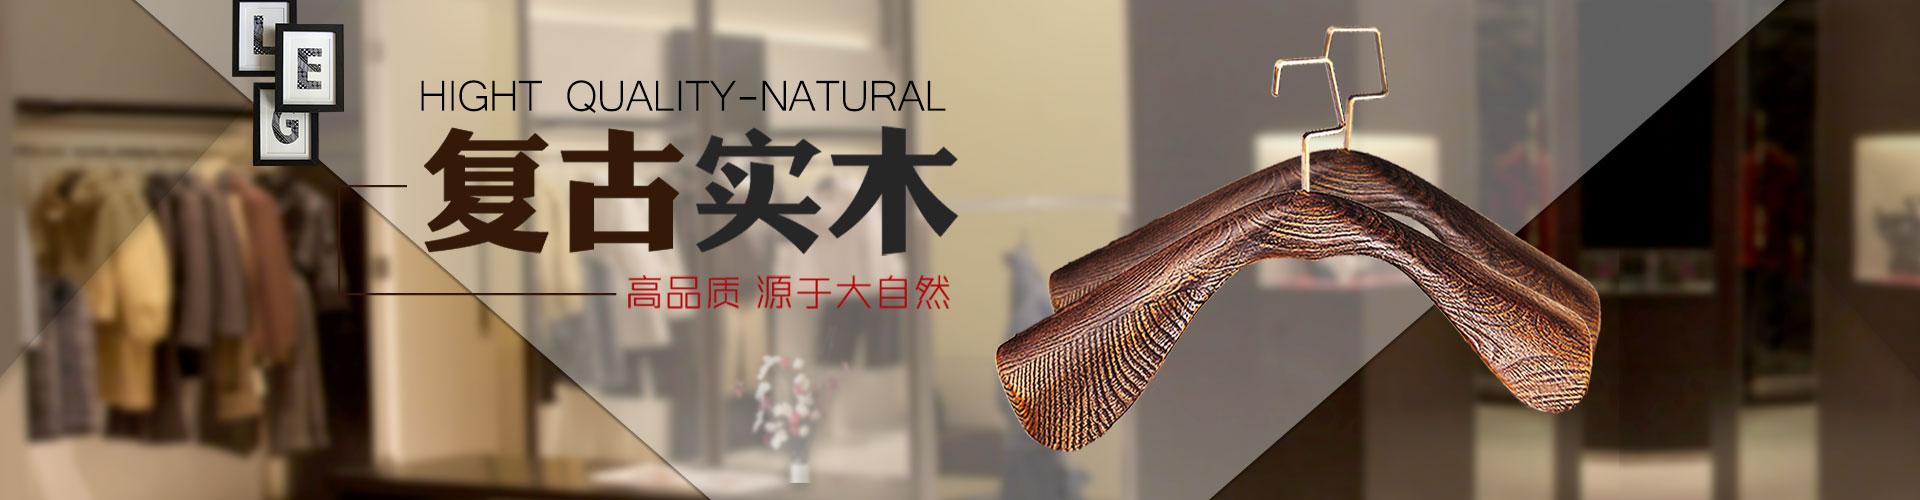 四会市星邦衣架有限公司是一家生产实木晾衣架,实木裤架批发,实木裤架生产的企业